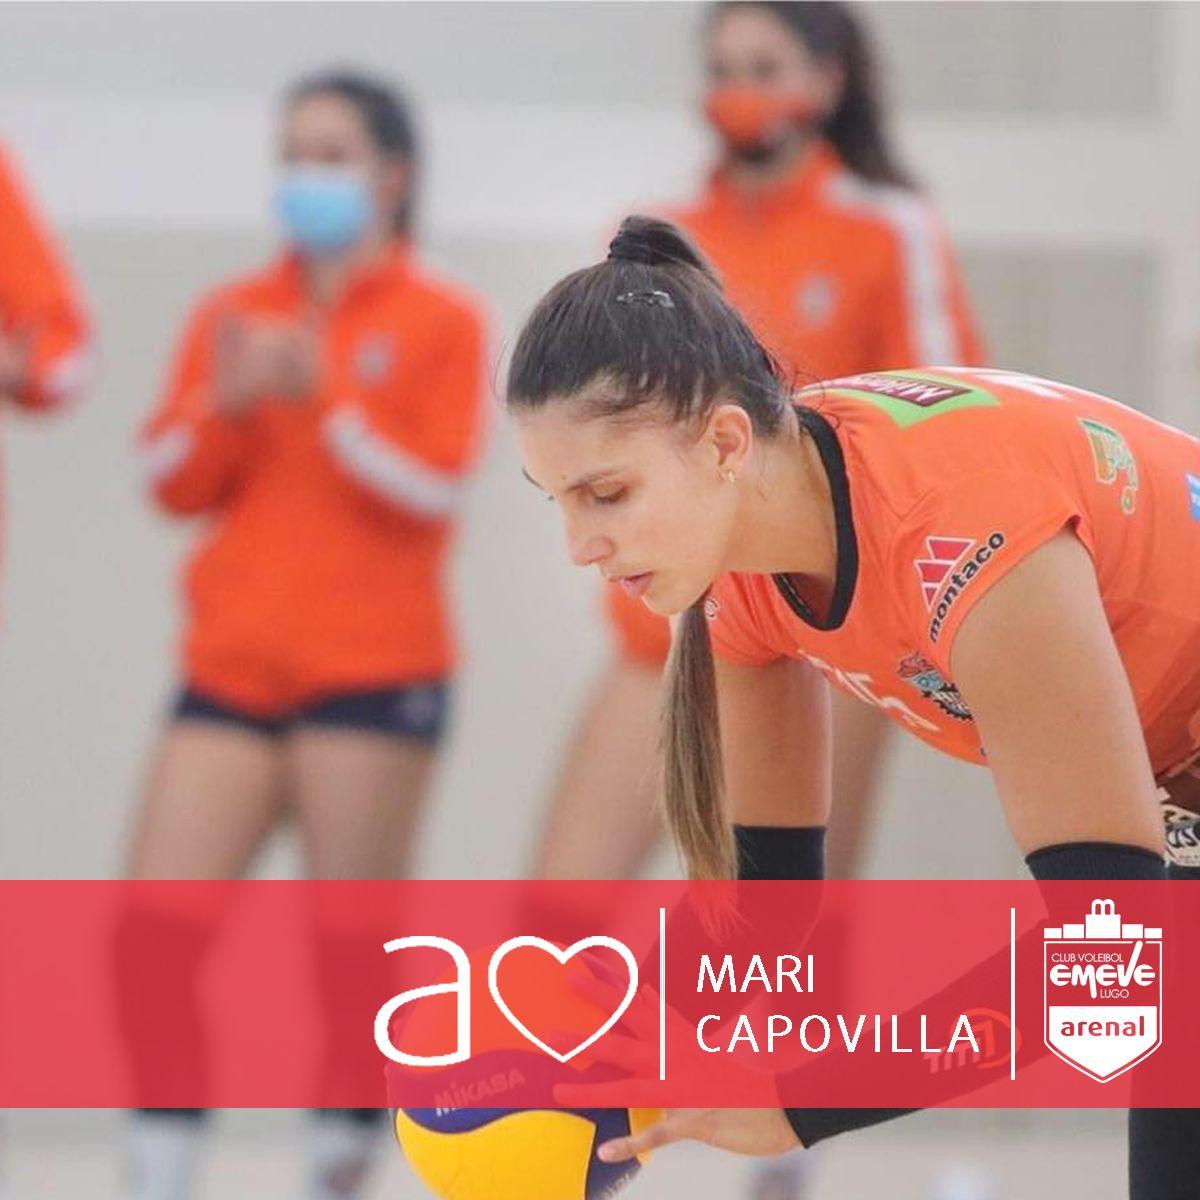 Mariana Capovilla, nova cara do Emevé / EMEVE